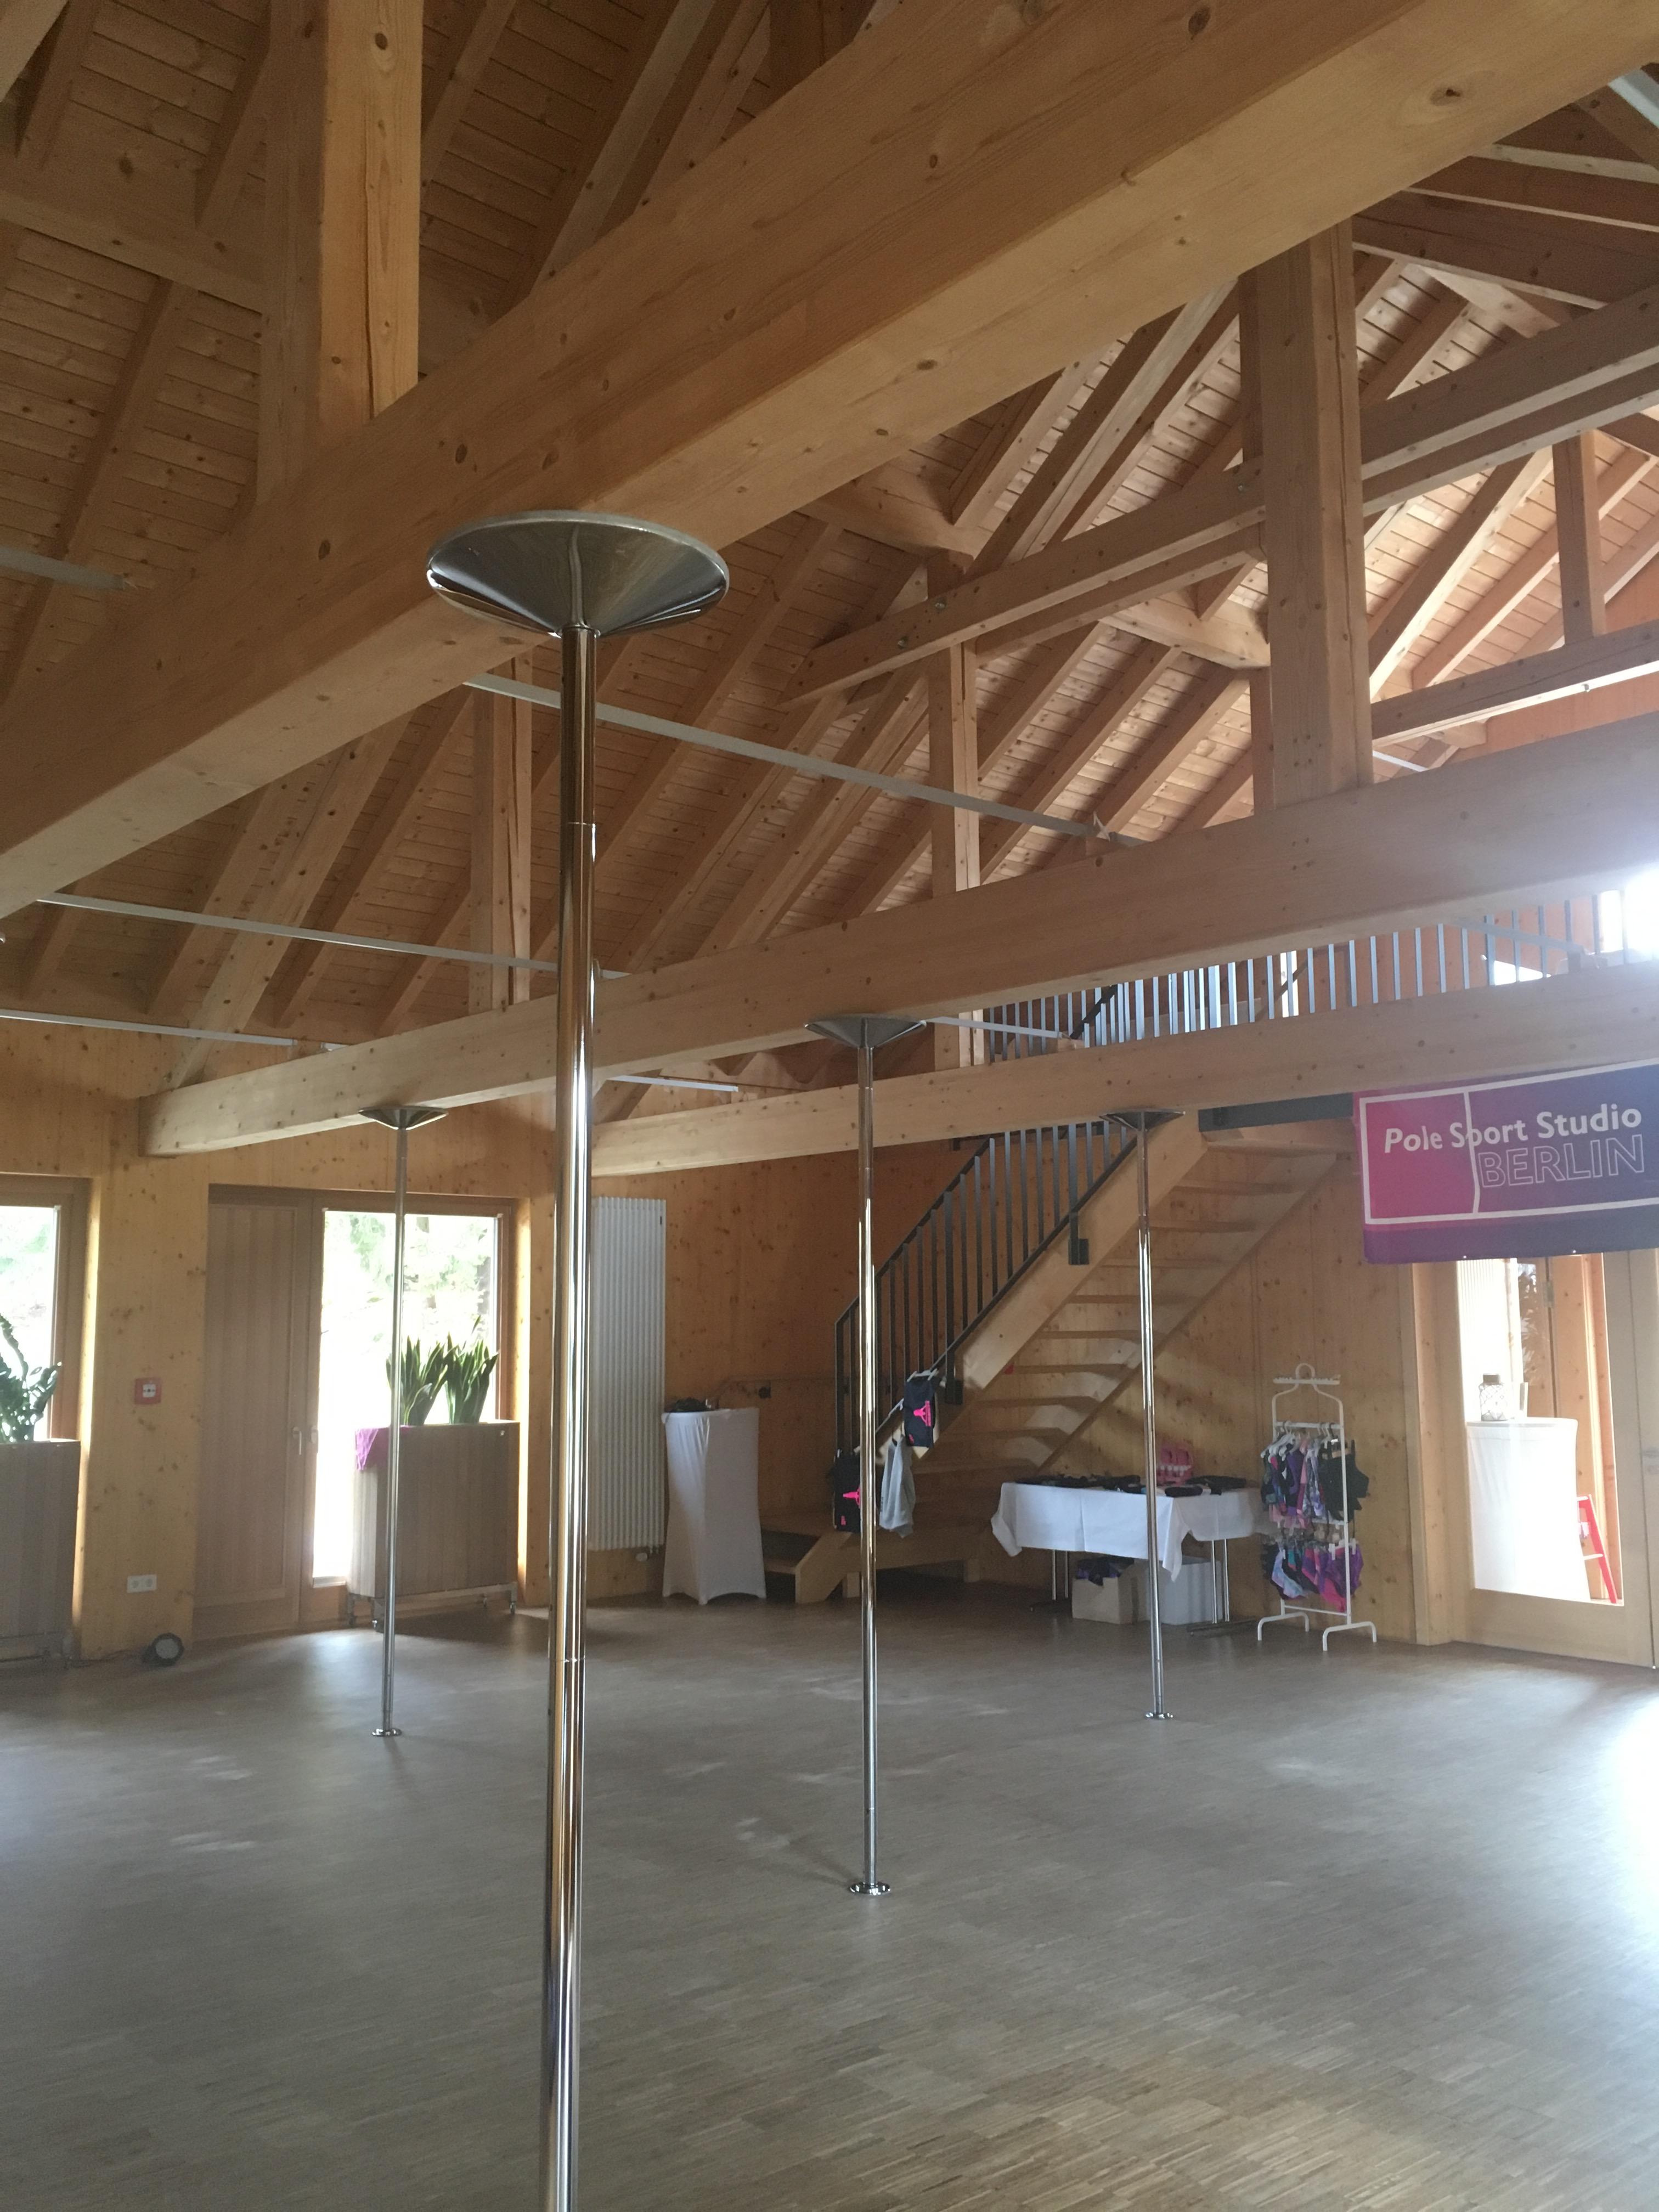 x-pole pole camp bayern deutschland